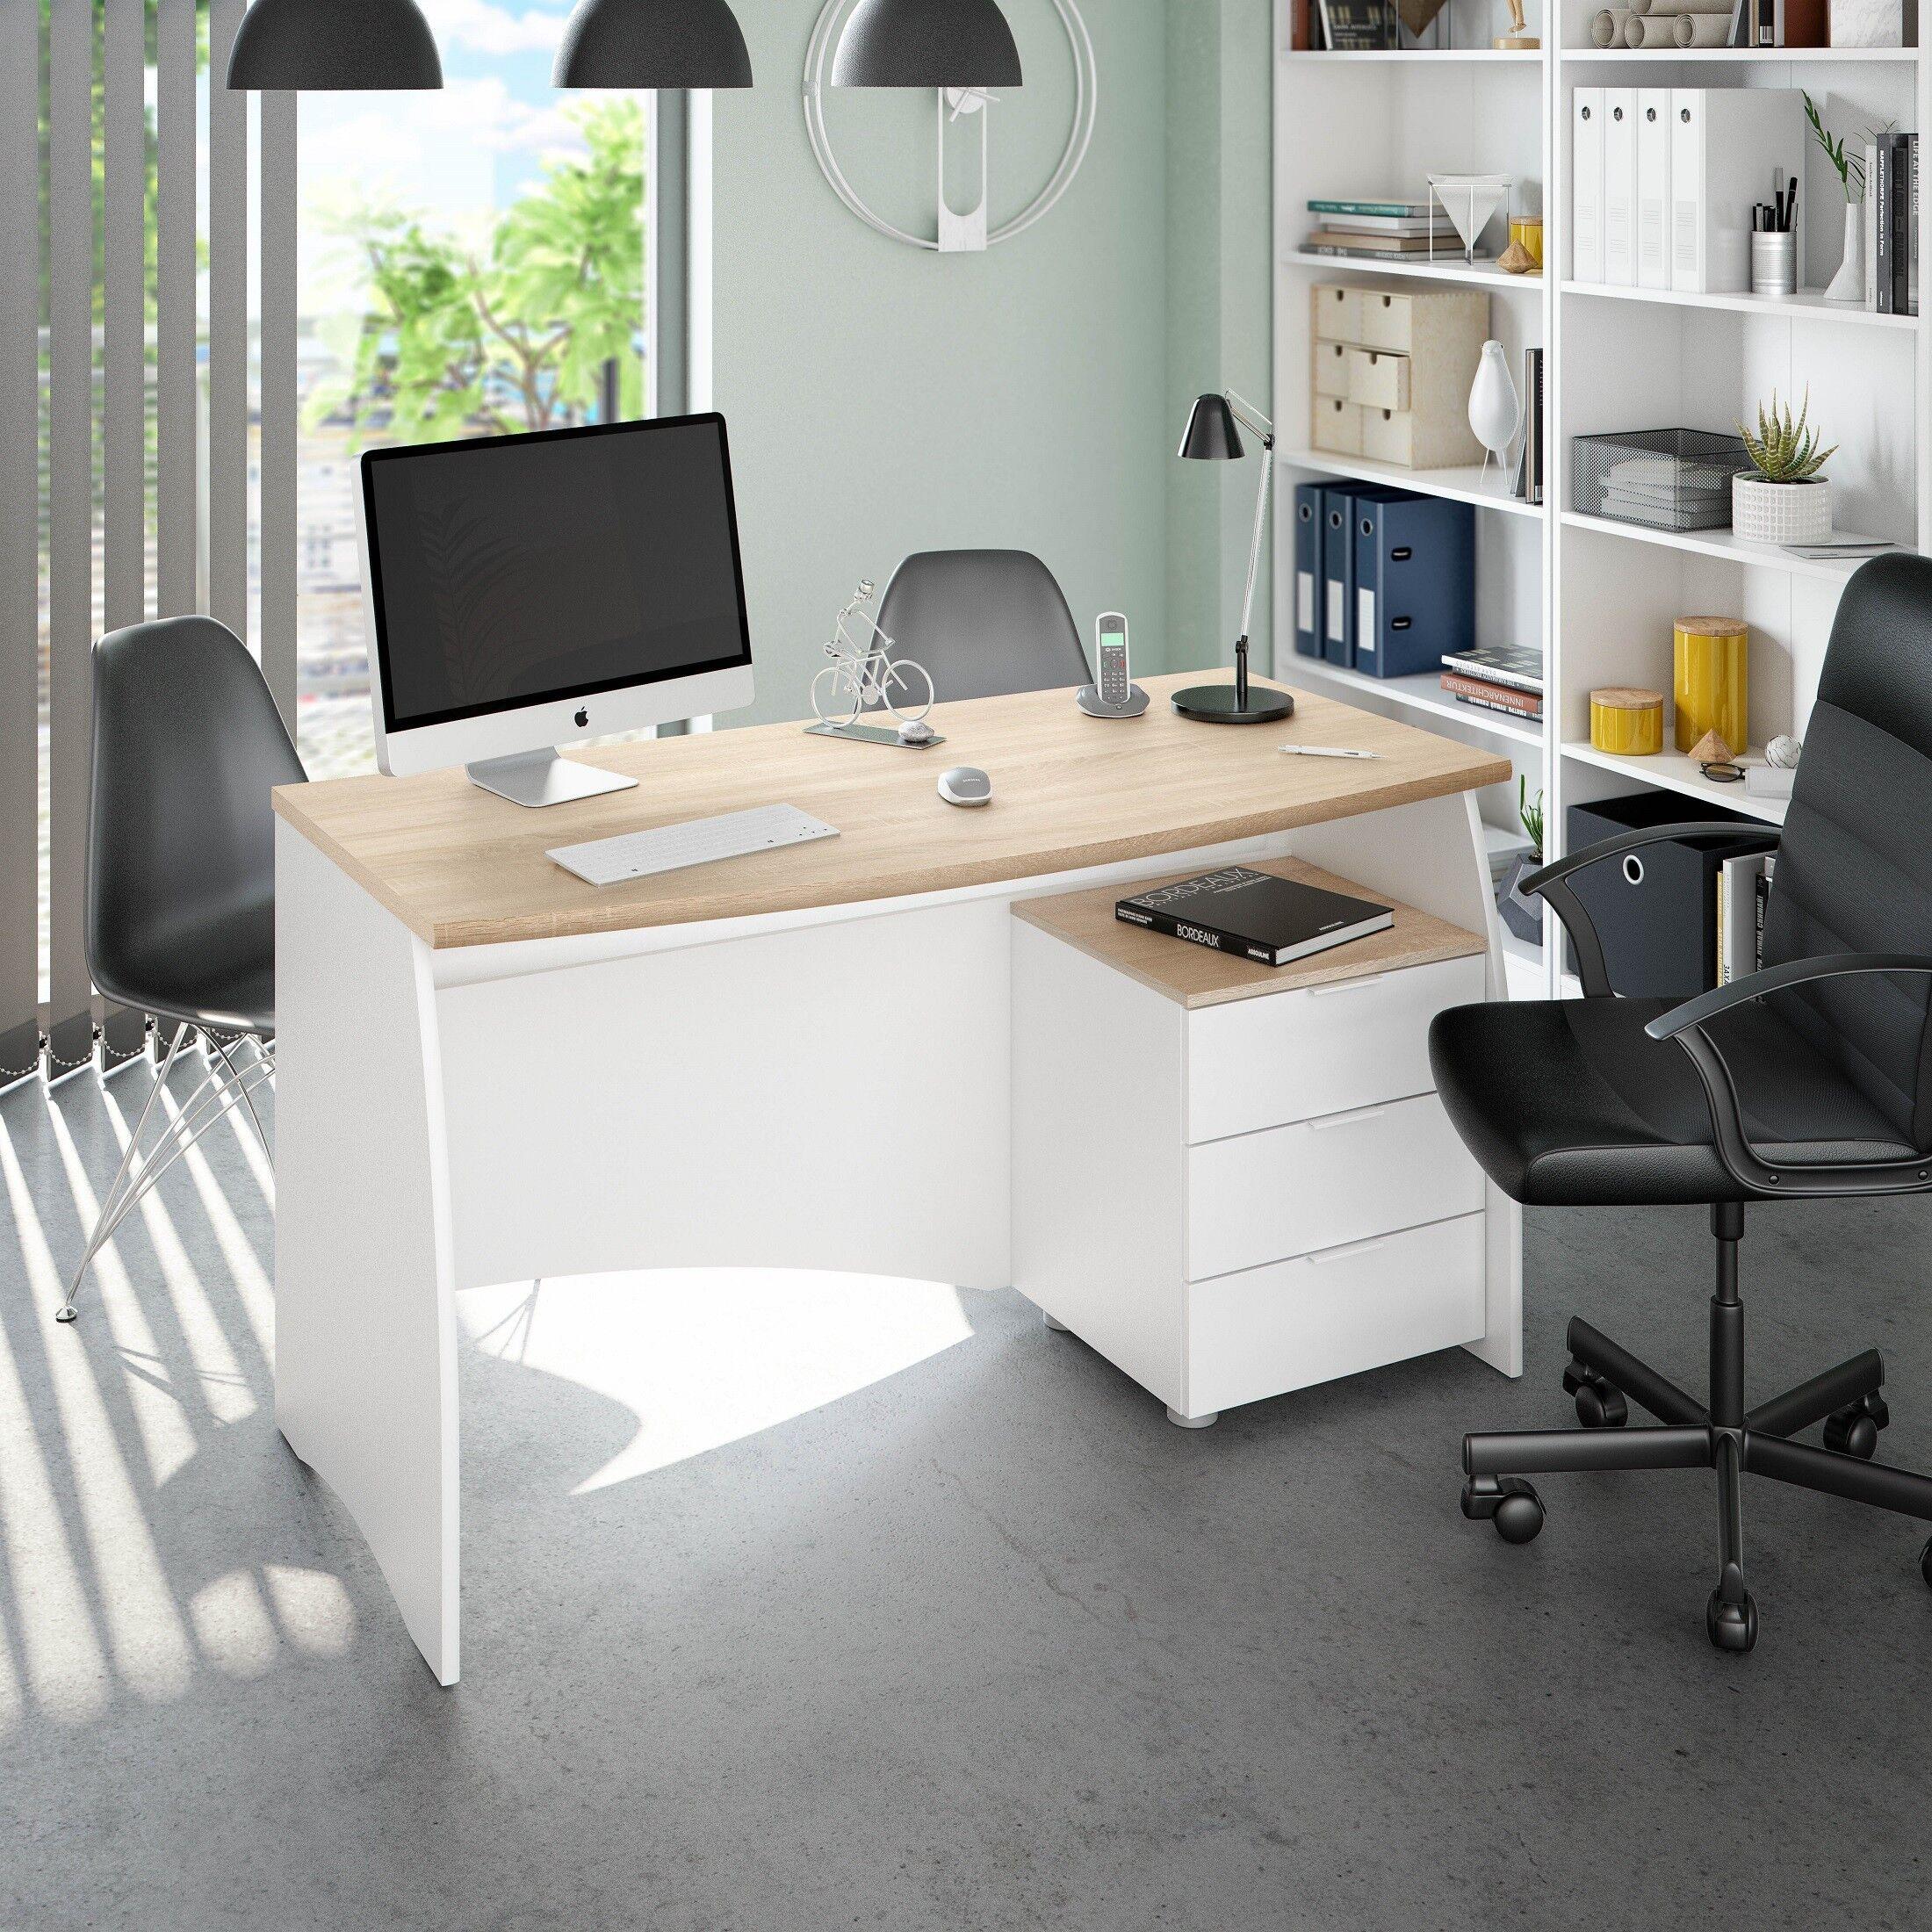 CAESAROO Bureau 136x67 cm Blanc mat et chêne canadien avec trois tiroirs   Chêne clair/blanc